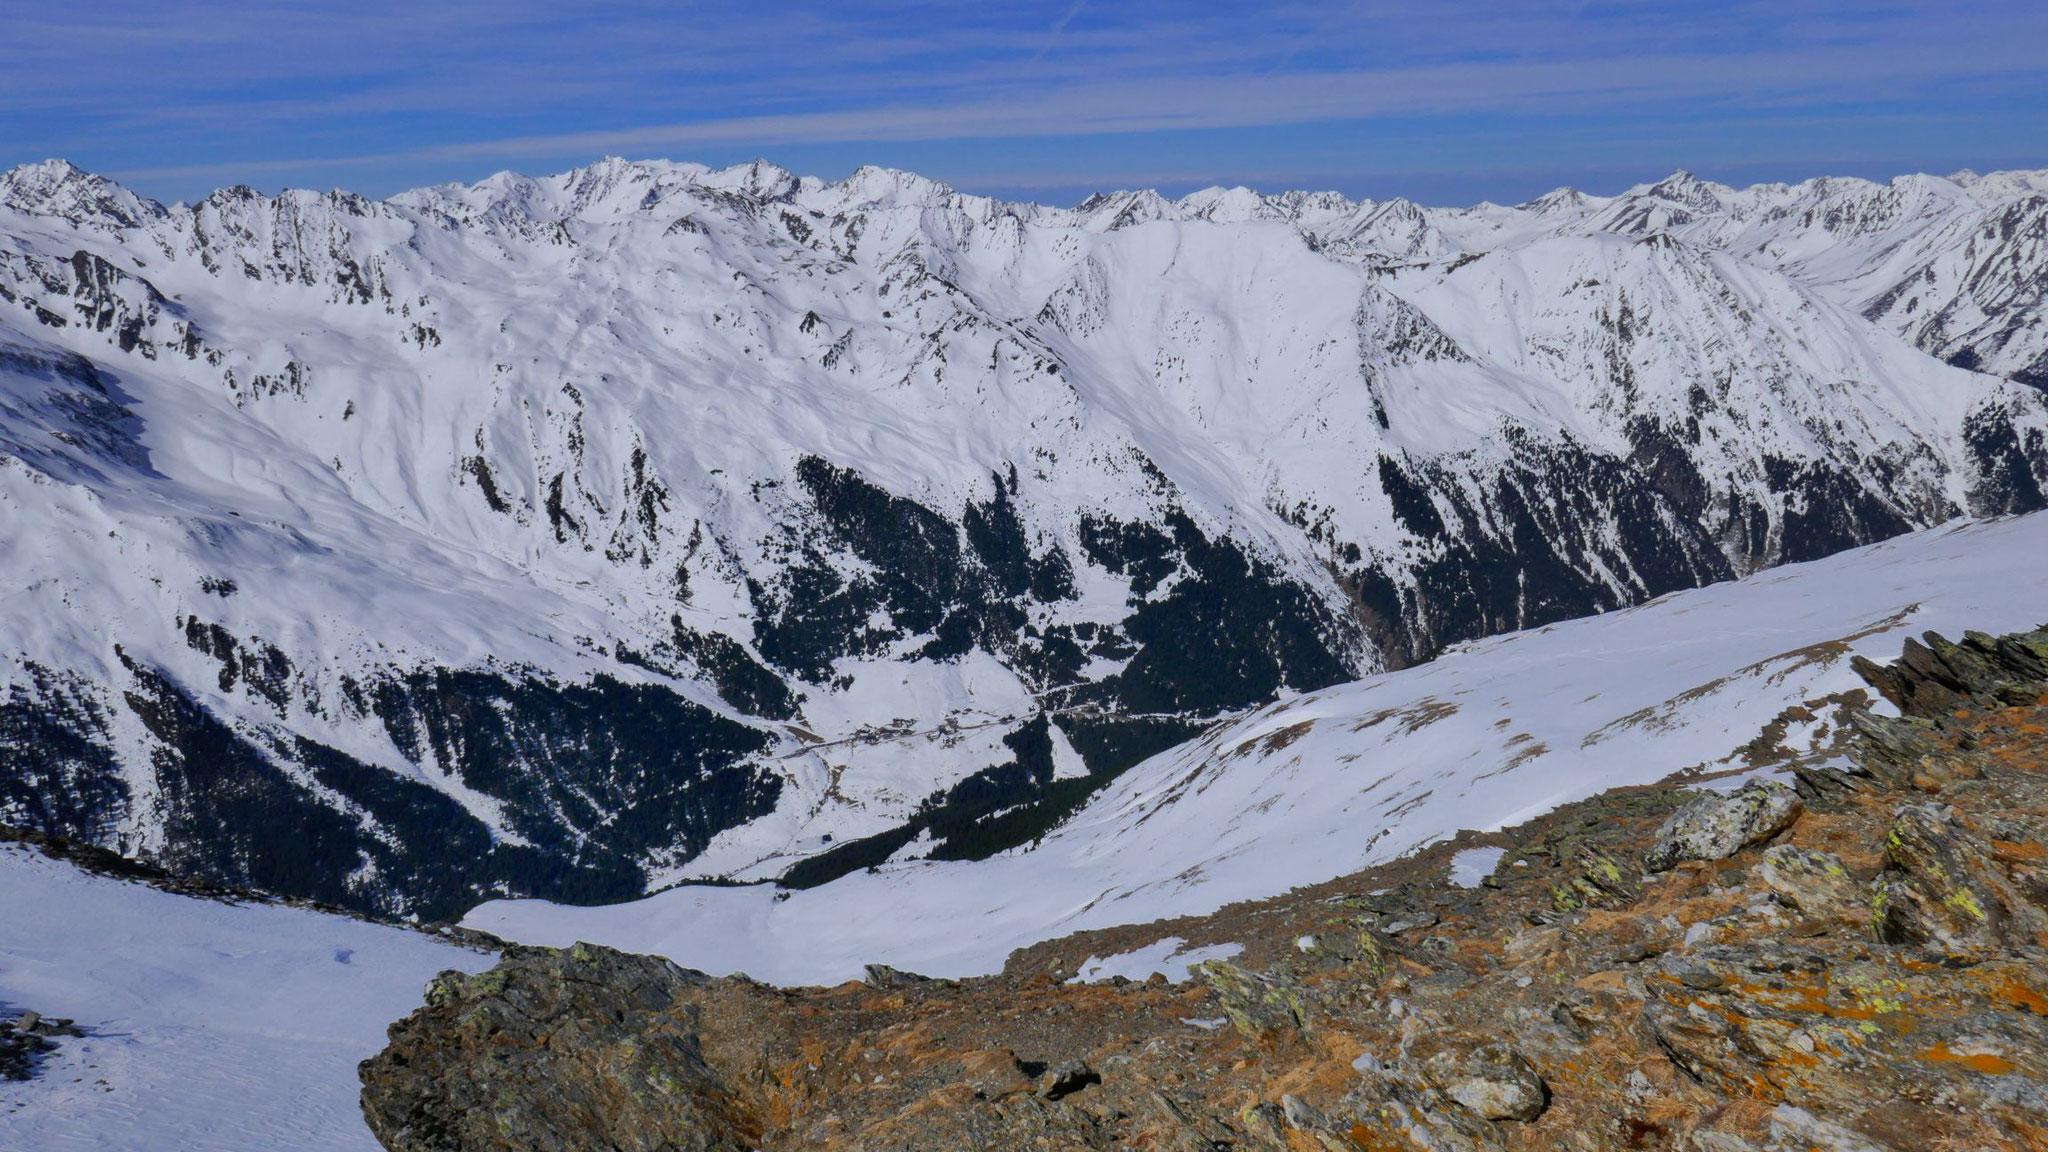 Tiefblick Praxmar, dahinter die nordwestliche Stubaier rund um Kühtai